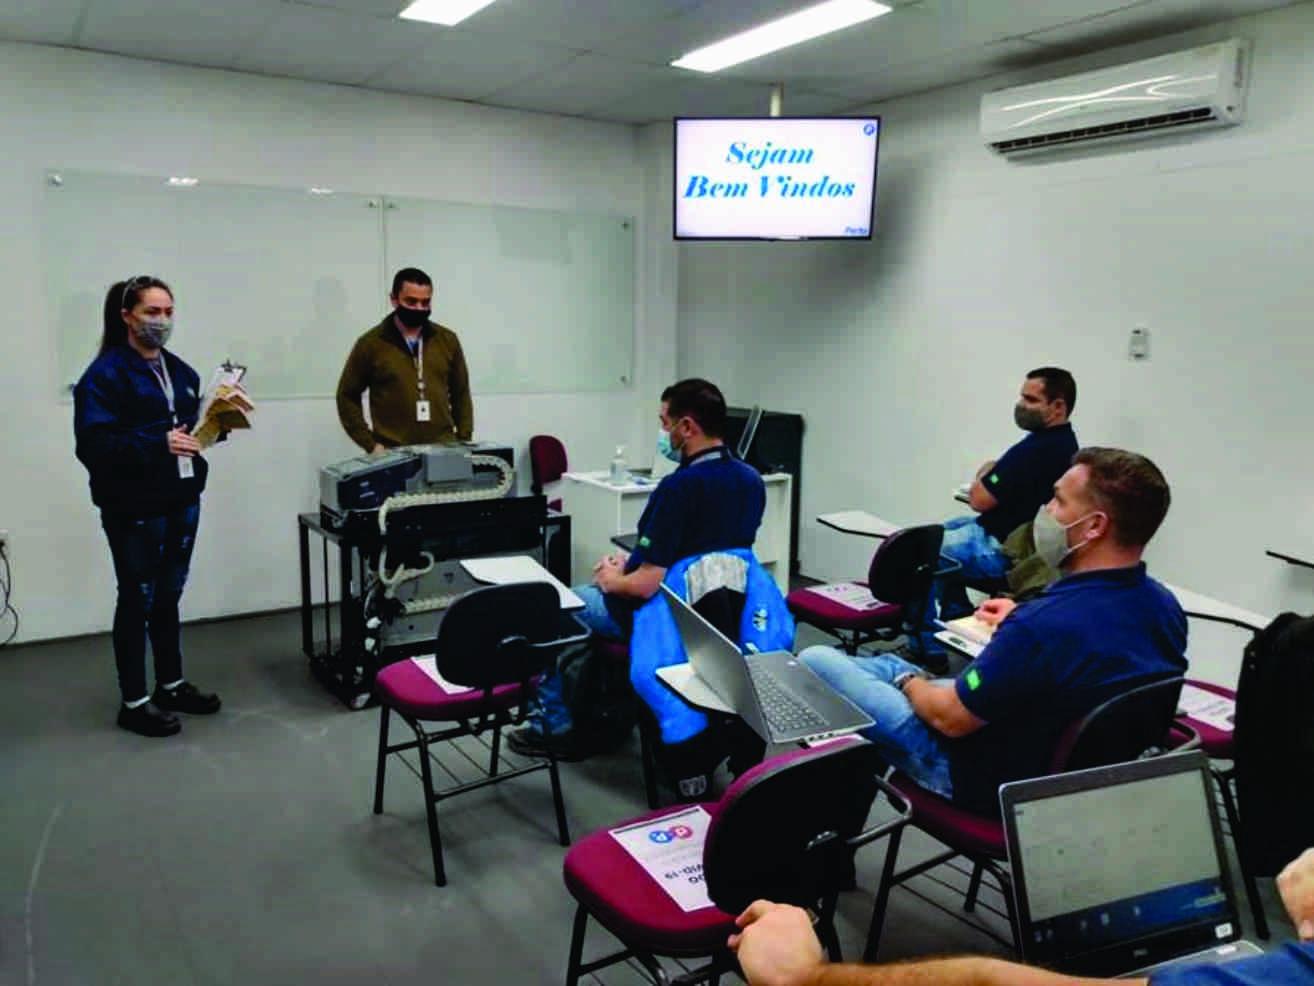 Por dentro da Perto: treinamentos técnicos retornam de maneira consciente e adequada aos novos padrões.